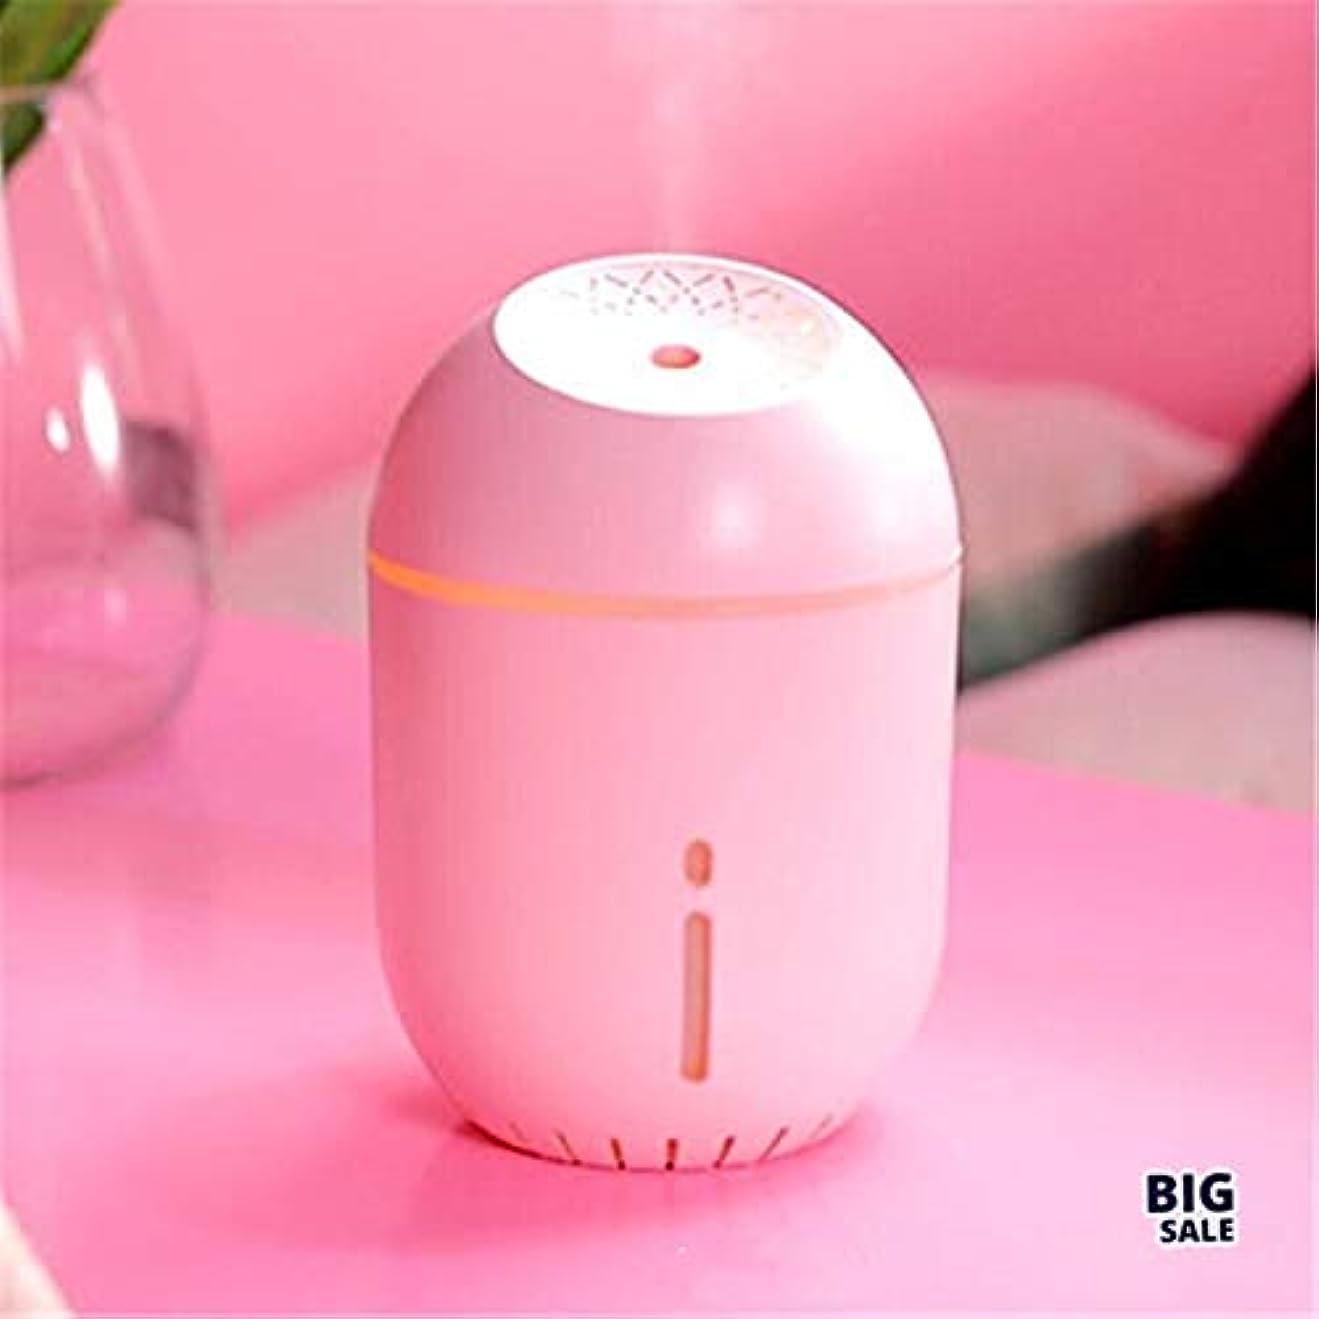 真向こう容赦ない卵NICEE顔加湿器ポータブル車USB加湿器大型スプレー加湿器、ピンクNICEY